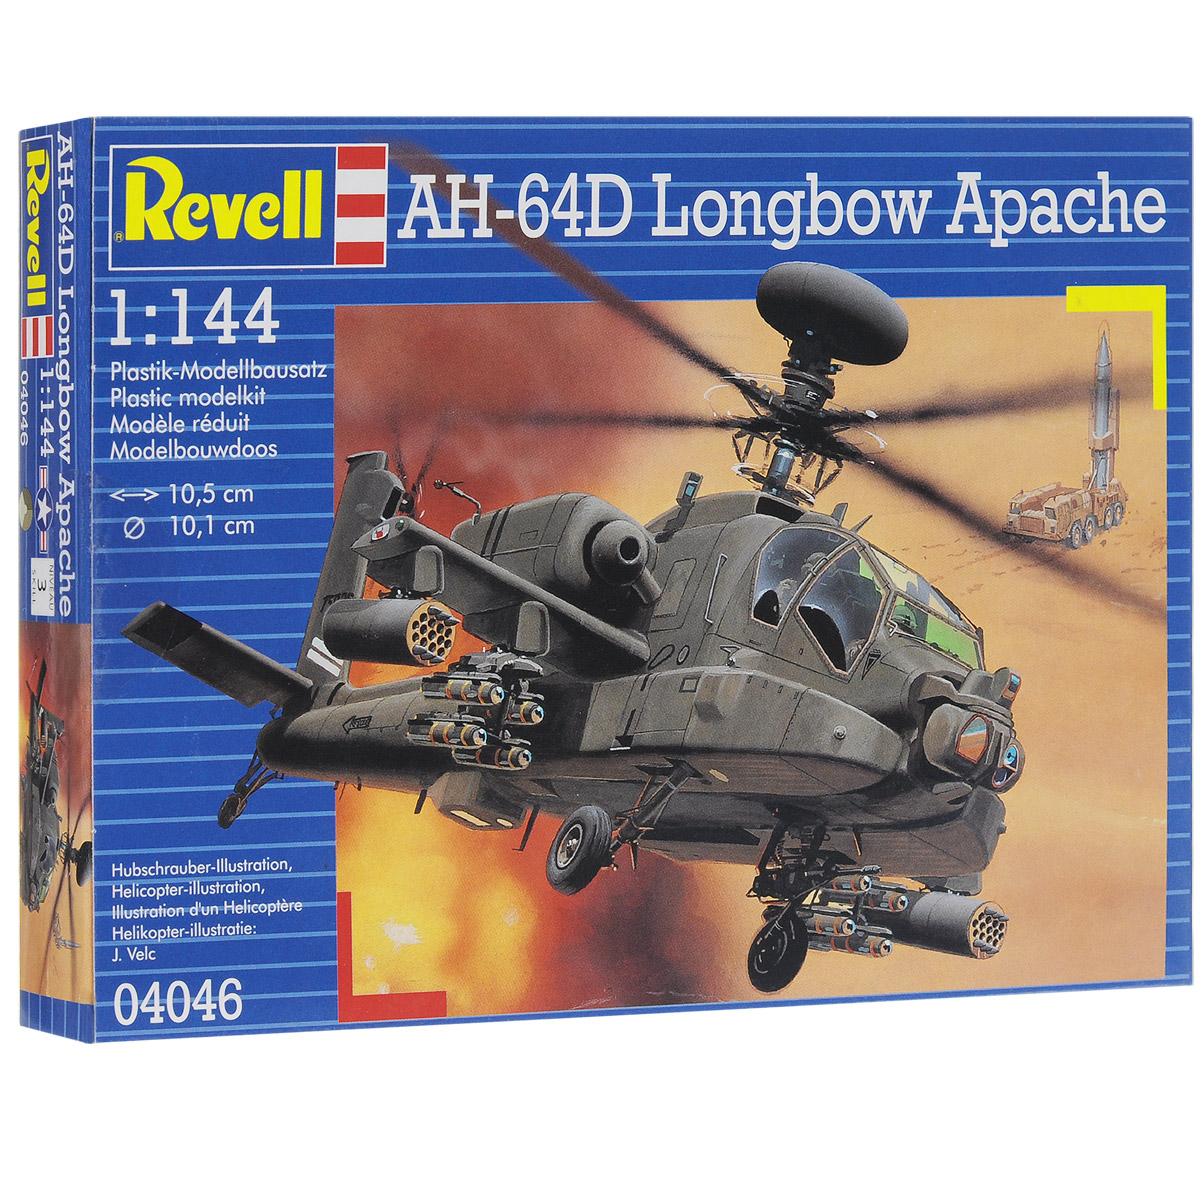 Сборная модель Revell Вертолет AH-64D longbow Apache04046Сборная модель Revell Вертолет AH-64D longbow Apache поможет вам и вашему ребенку придумать увлекательное занятие на долгое время. Набор включает в себя 79 пластиковых элементов, из которых можно собрать достоверную уменьшенную копию одноименного вертолета. Вертолет AH-64D longbow Apache был разработан в 1975 году для замены своего предшественника AH-1 Кобра. C 1984 года AH-64D стал основным вертолетом армии США. Вооружение машины состоит из 30-мм пушки, 14 противотанковых ракет и 4 установок с неуправляемыми ракетами. В экипаж входят два человека. С 1989 года вертолет успешно применяется в военных действиях. Боевое крещение вертолета состоялось в ходе американского вторжения в Панаму. Затем машина применялась во время Бури в пустыне и войны в Югославии. С 2001 года AH-64D активно применяются в боях в Афганистане. Также в наборе схематичная инструкция по сборке. Процесс сборки развивает интеллектуальные и инструментальные способности, воображение и...